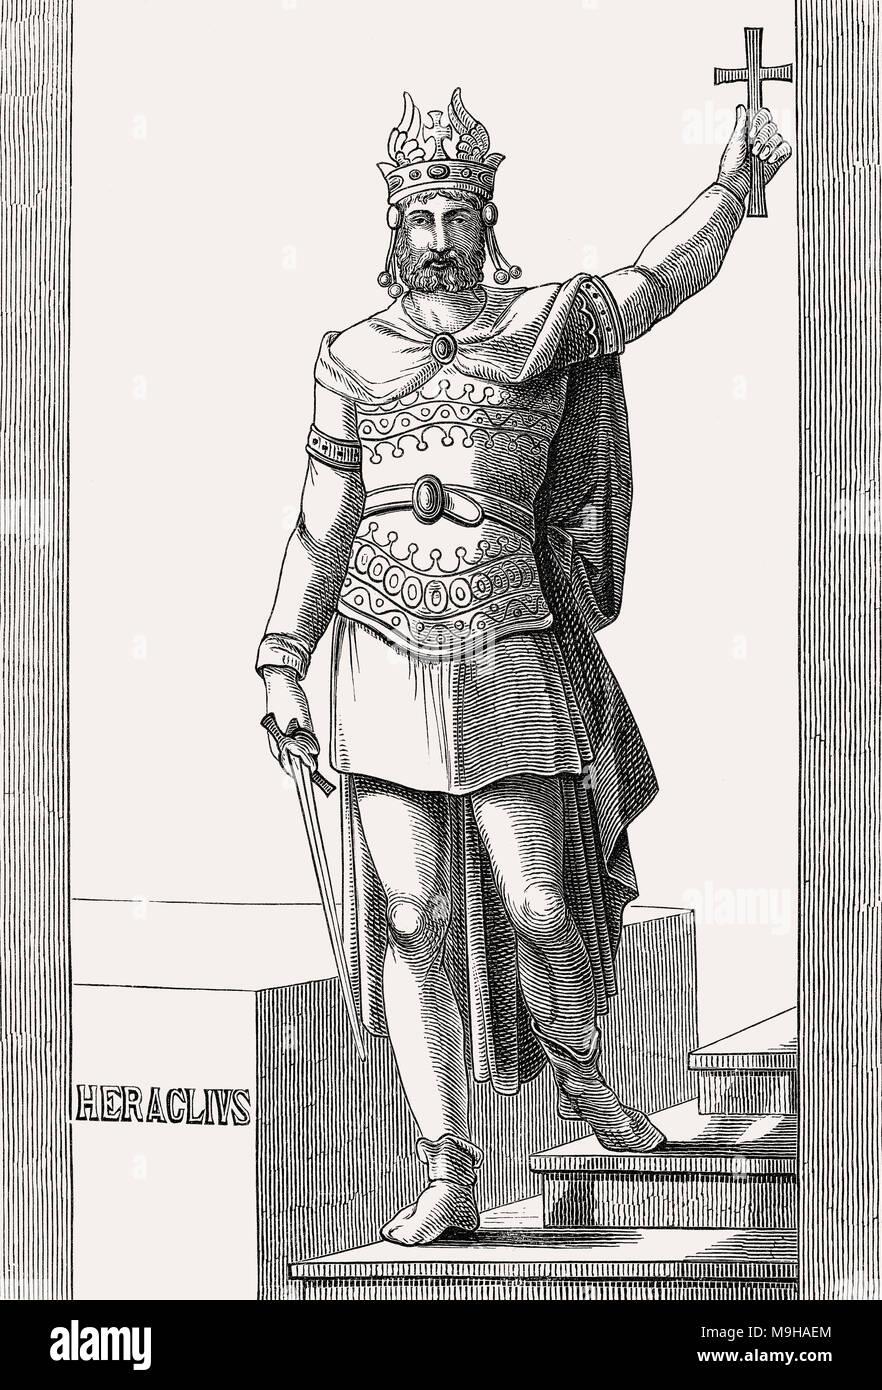 Héraclius, l'empereur romain de 610 à 641 Photo Stock